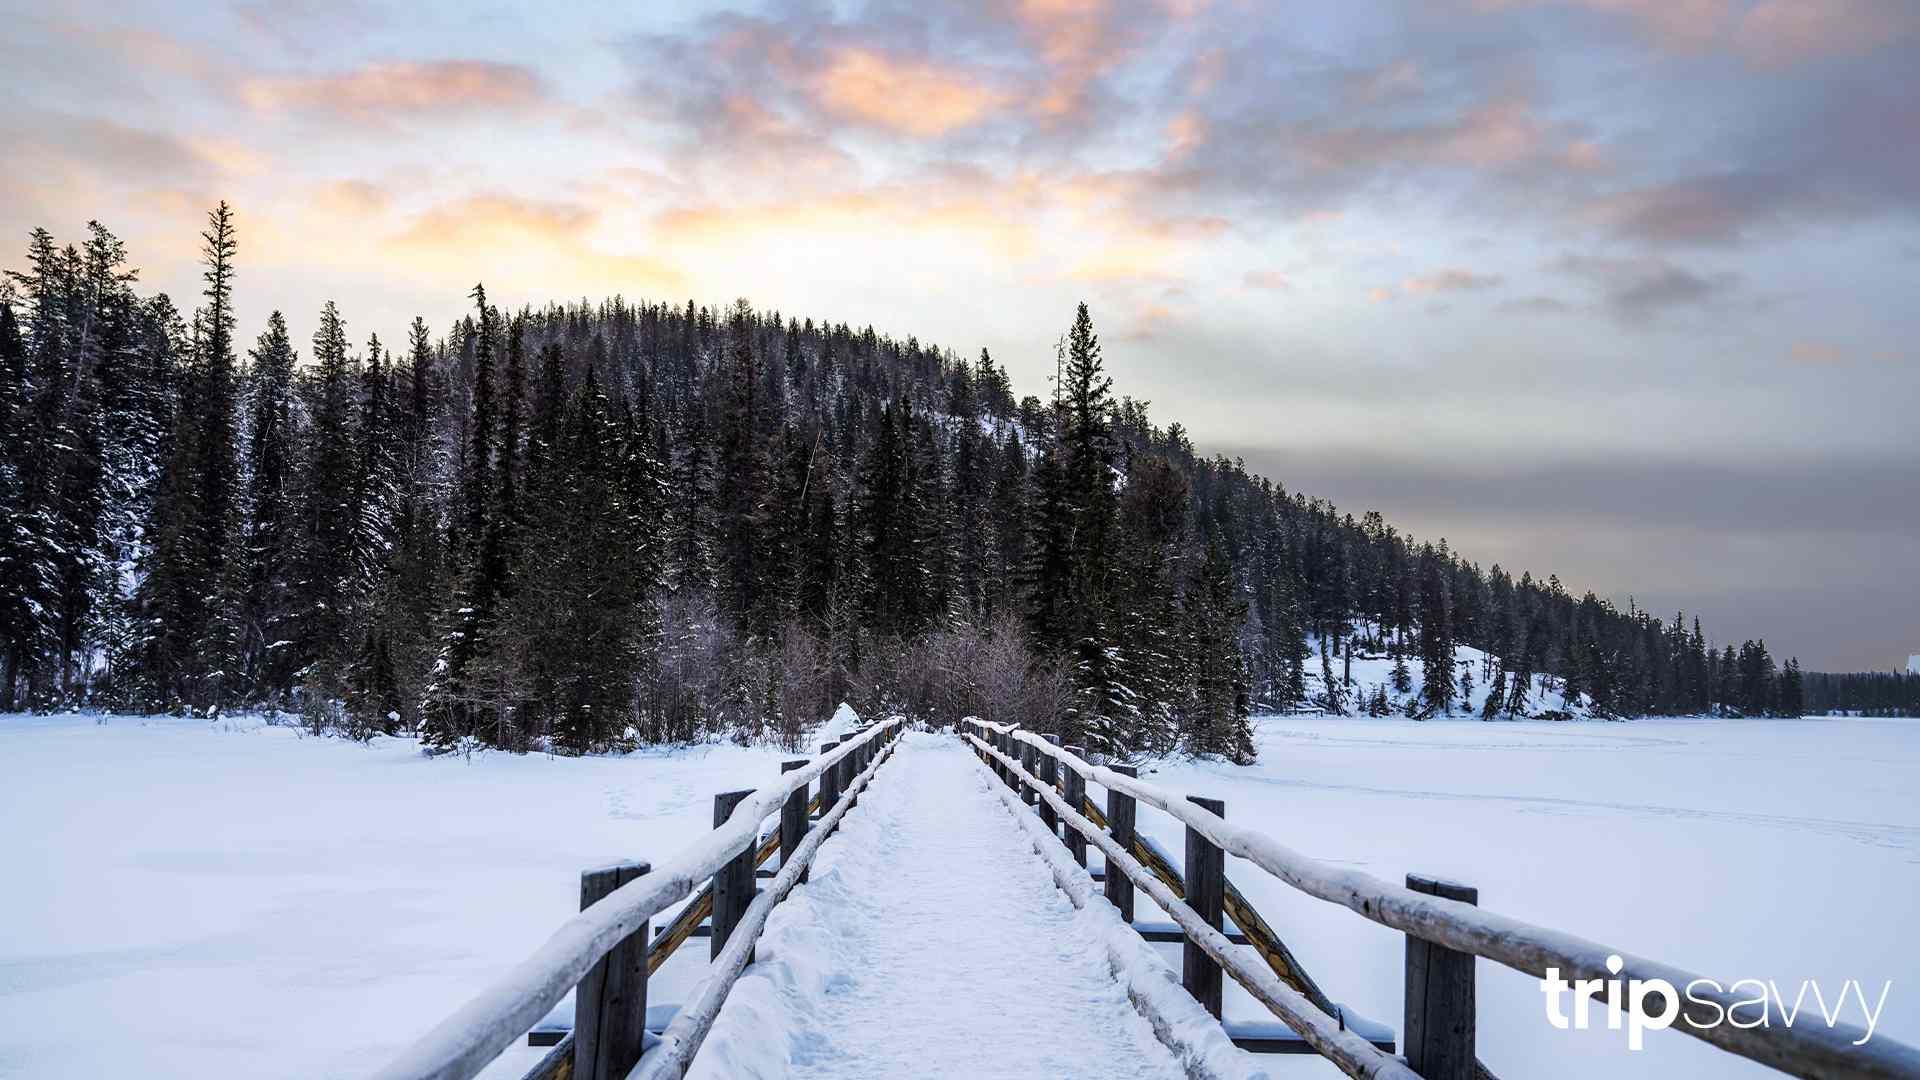 A snowy landscape in Jasper, Canada